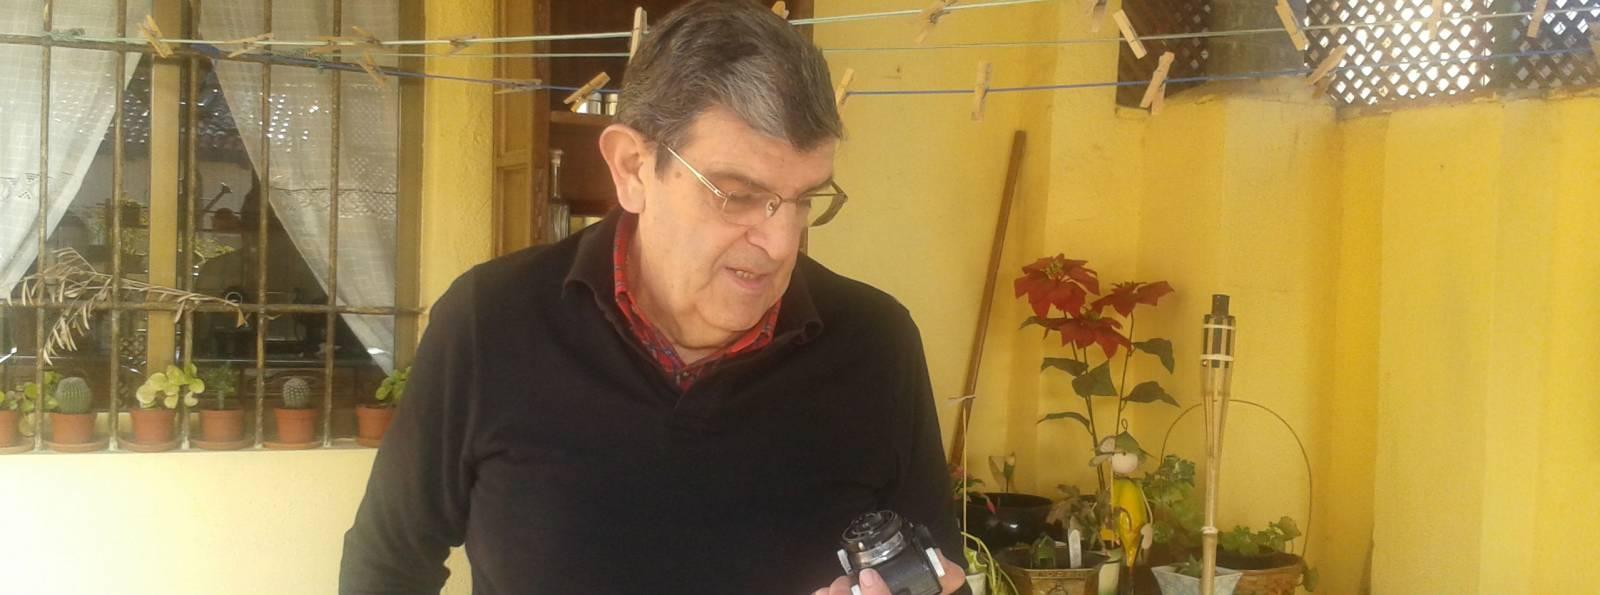 Baldomero Perdigón mira la que fue su primera cámara fotográfica. Fotos: Belén García